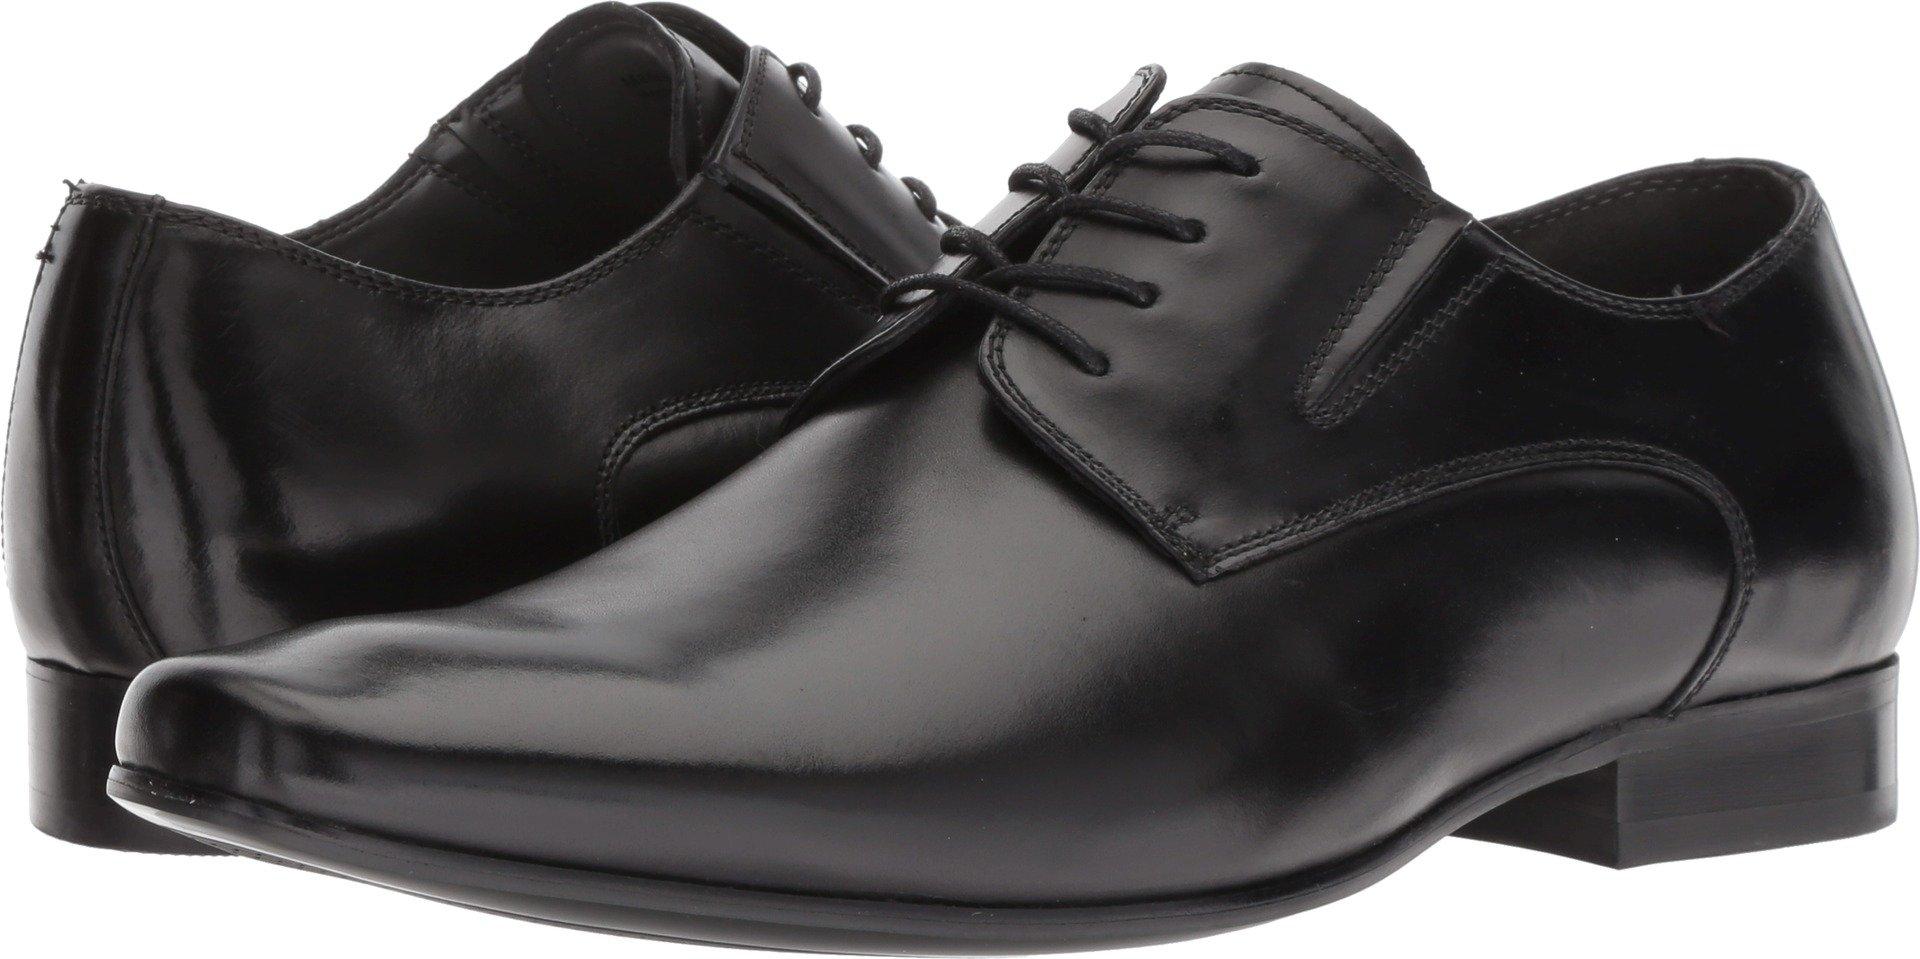 ALDO Men's Dress Lace Up Shoes, DRANSFIELD in Black, Size 9.5 Uniform D US by ALDO